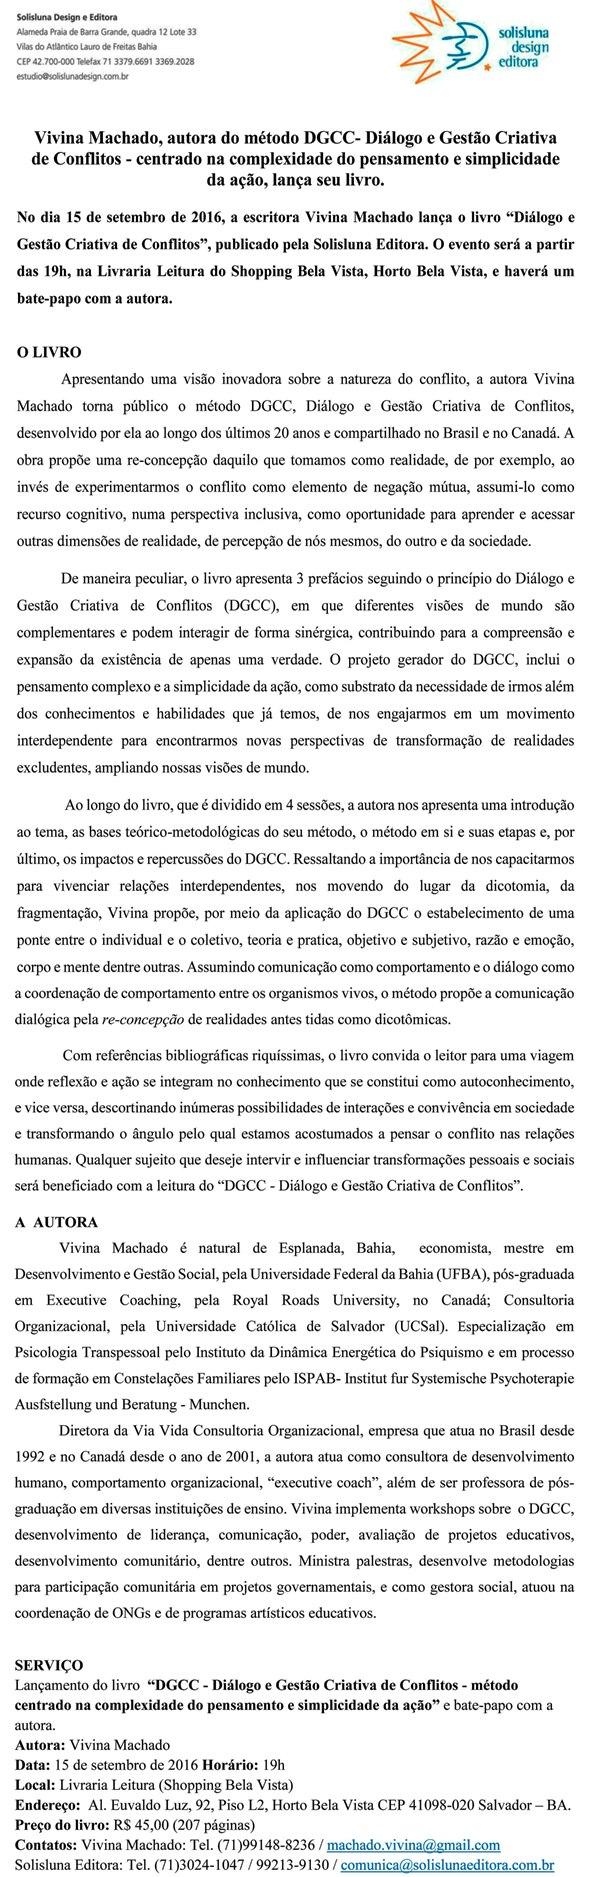 vivina-machado-dialogo-e-gestao-criativa-de-conflitos-release-b